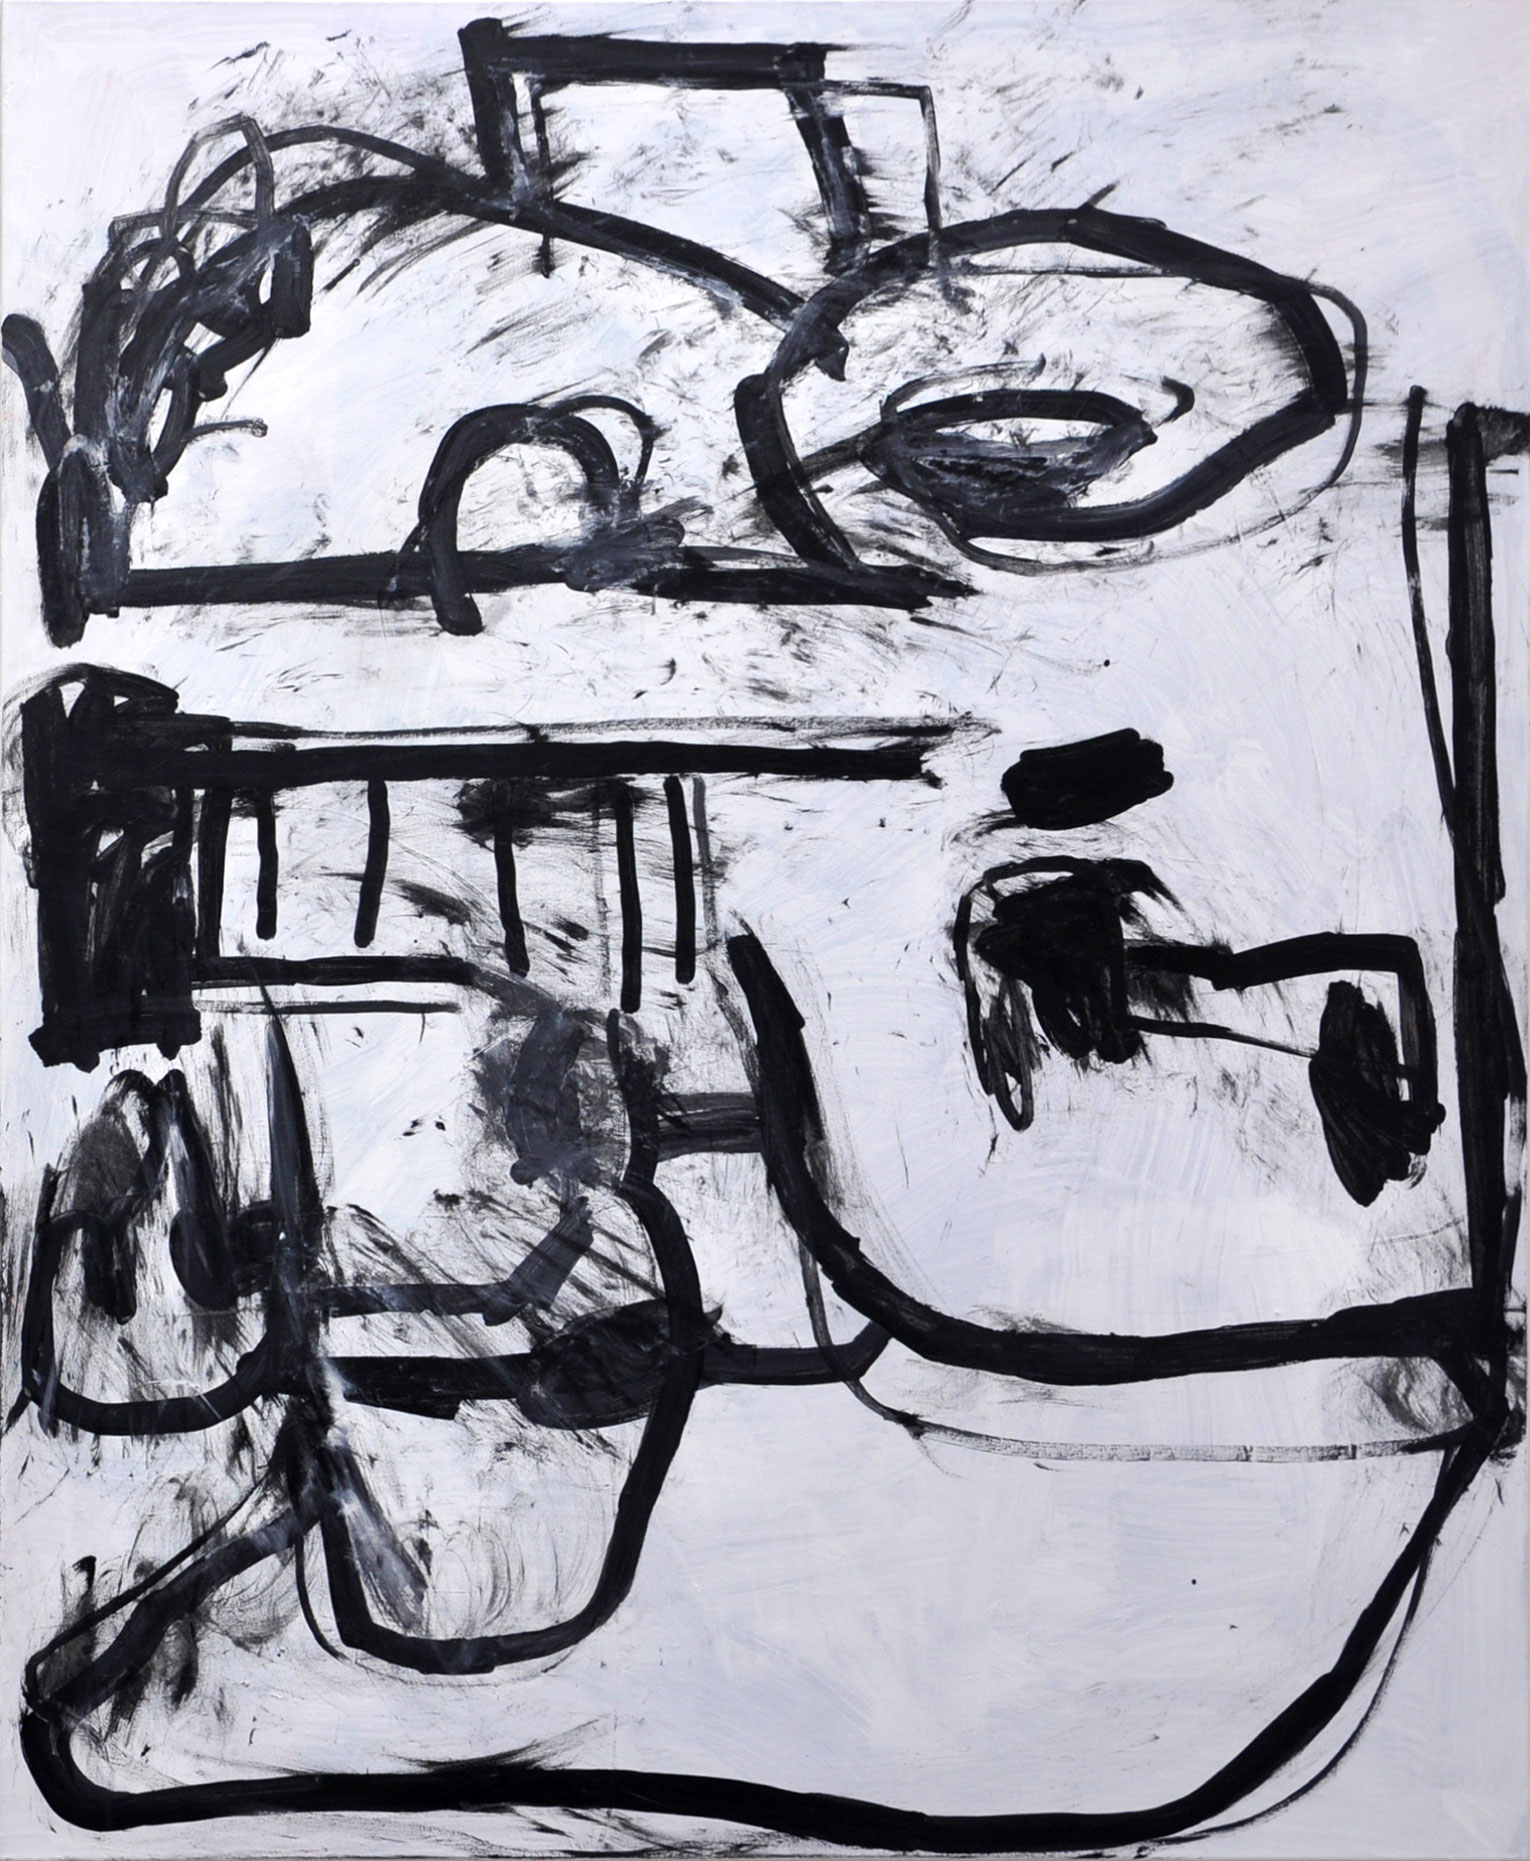 <b>Title:</b>Ok OK<br /><b>Year:</b>2018<br /><b>Medium:</b>Acrylic on canvas<br /><b>Size:</b>160 x 130 cm